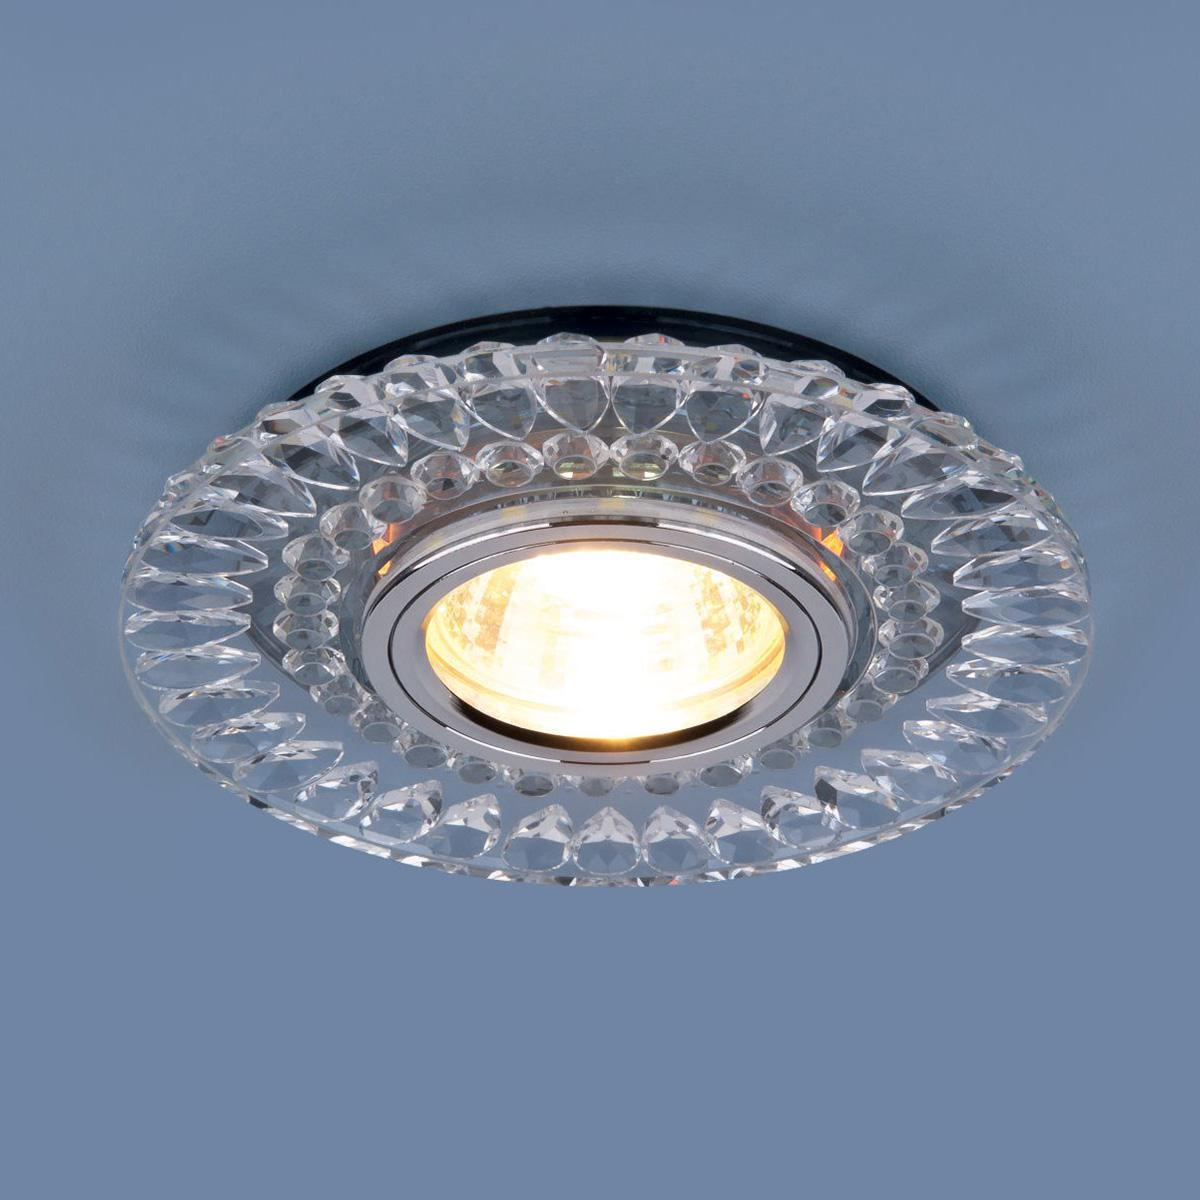 Фото - Встраиваемый светильник Elektrostandard 2197 MR16 CL/SL прозрачный/серебро 4690389101021 cветильник галогенный de fran встраиваемый 1х50вт mr16 ip20 зел античное золото